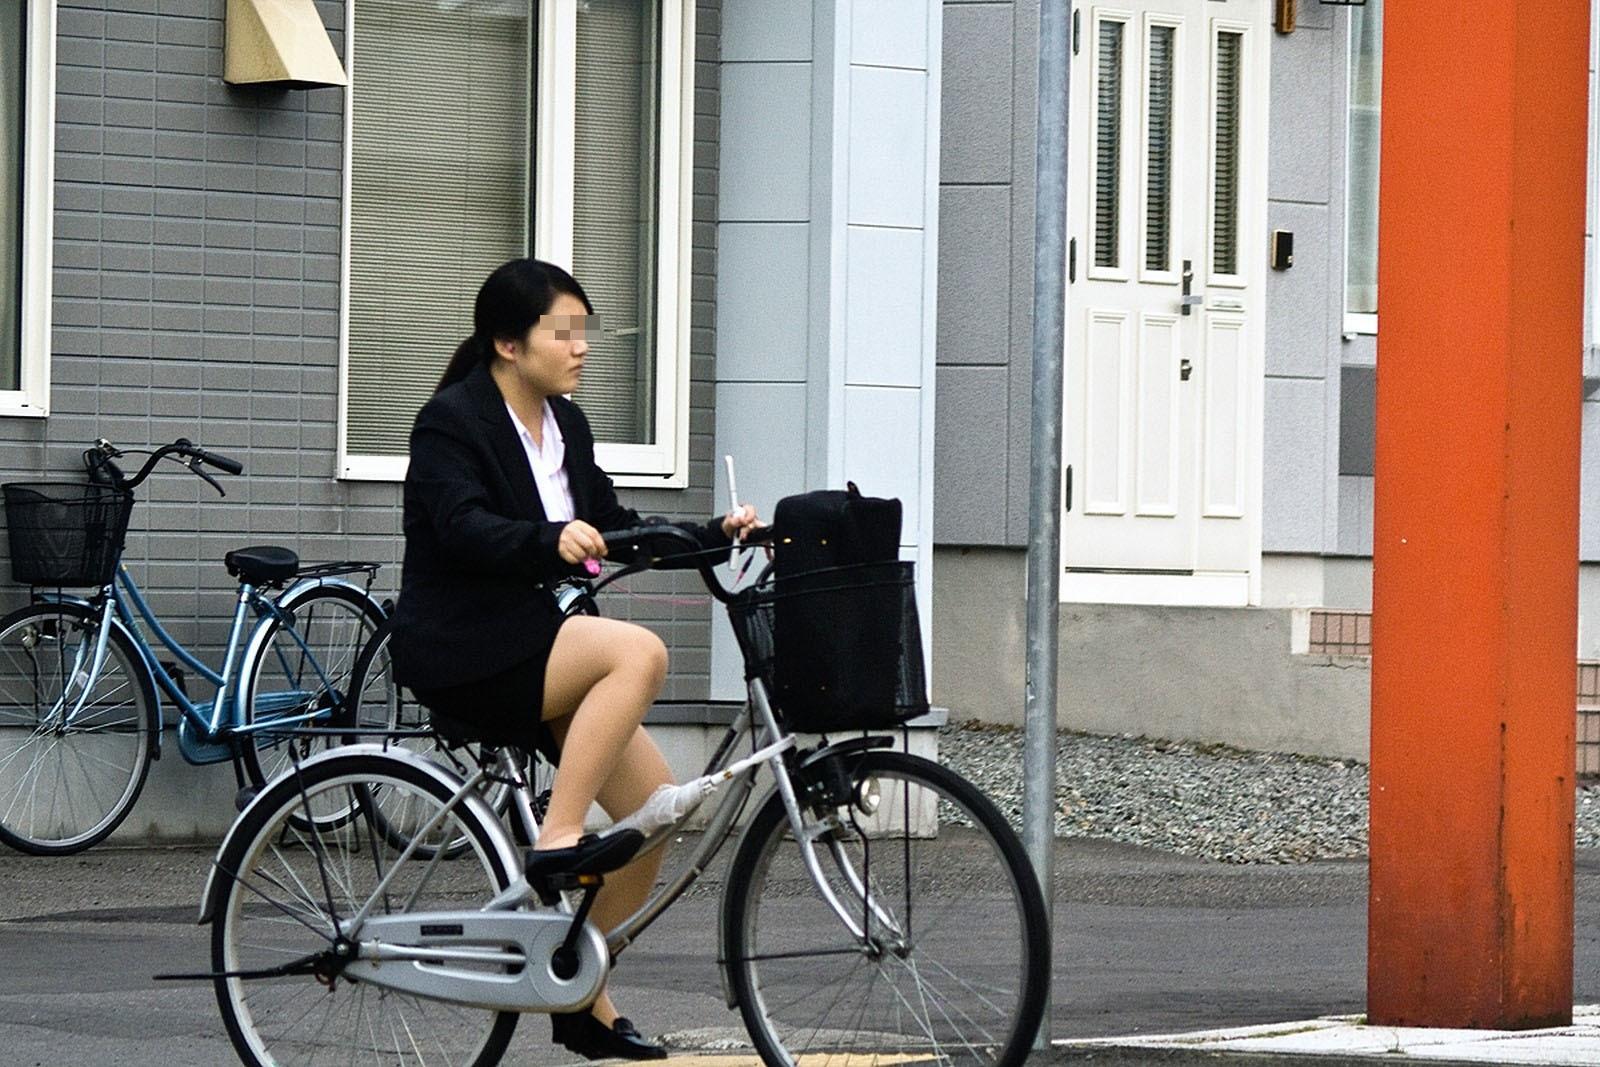 自転車リクスーOLのデルタパンチラ盗撮エロ画像14枚目